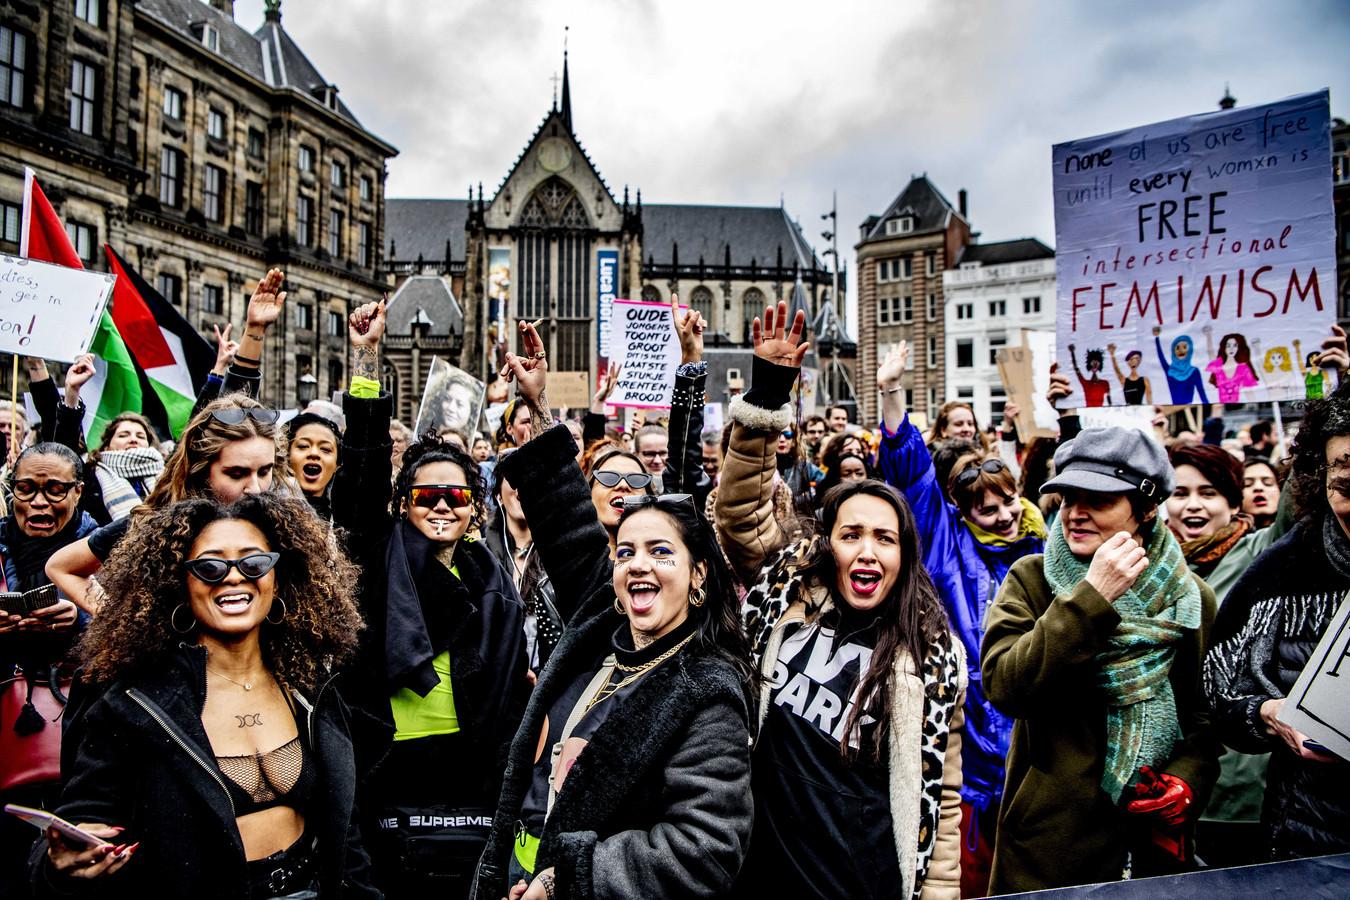 Deelnemers aan de Women's March in Amsterdam vorig jaar, een dag na Internationale Vrouwendag.